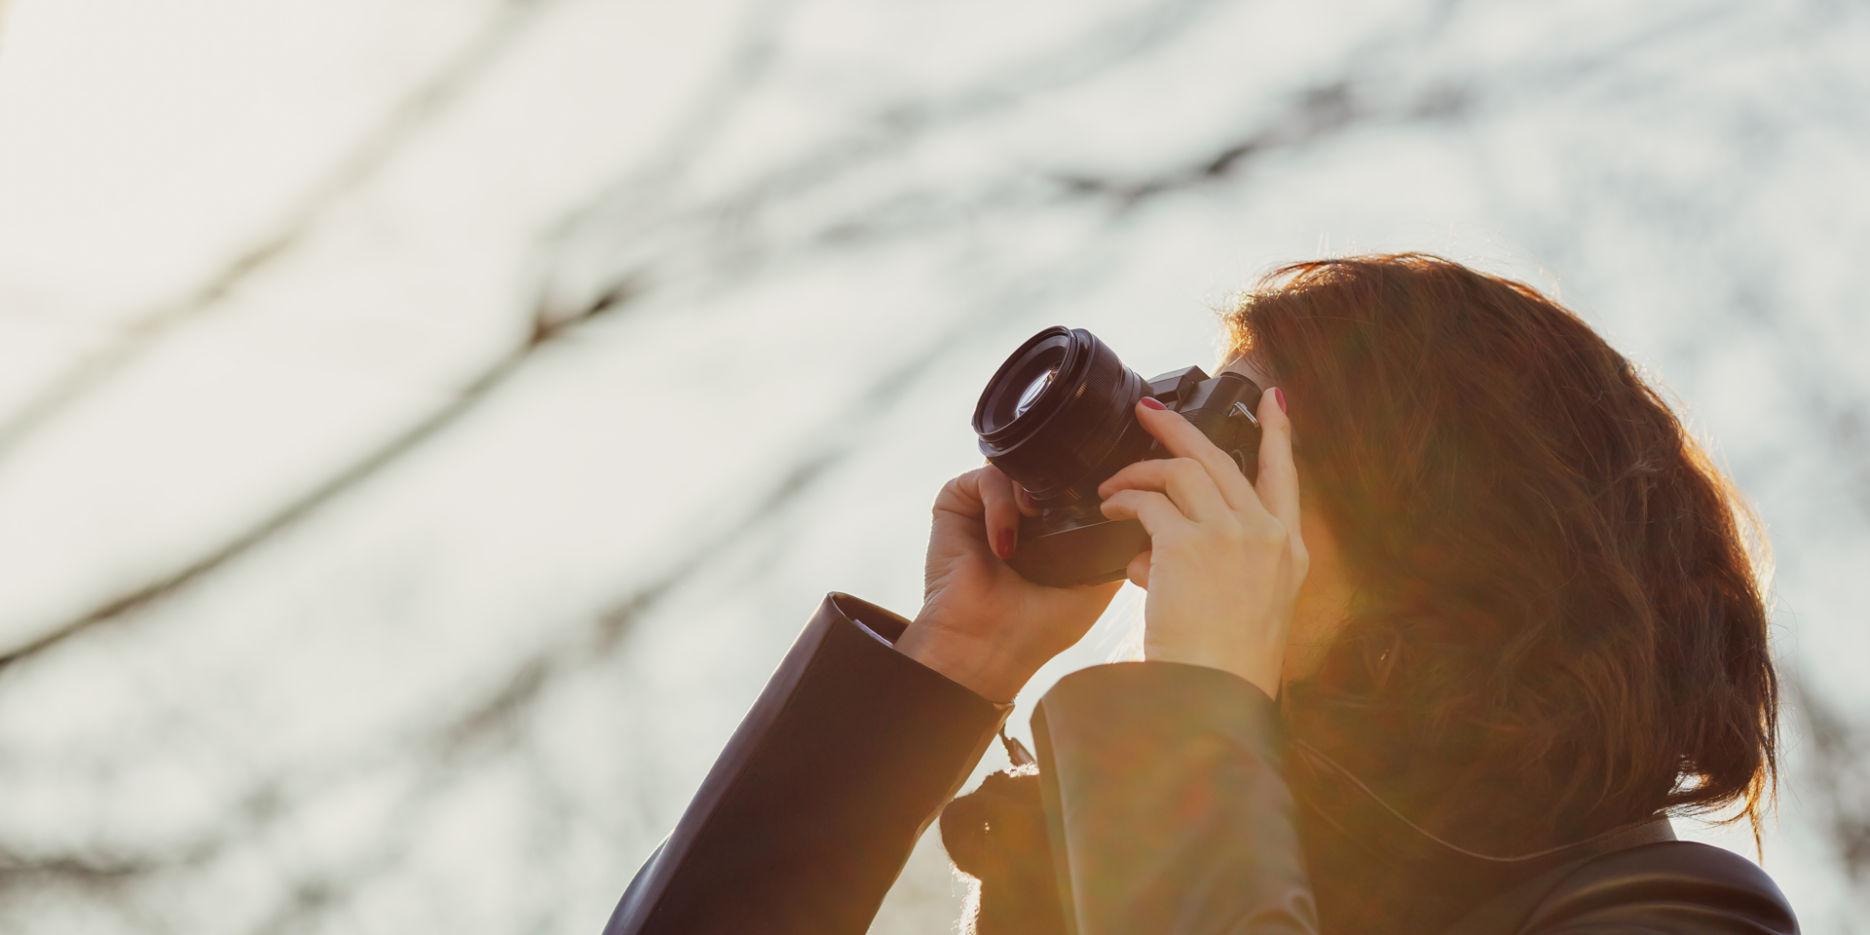 camera-in-her-hands